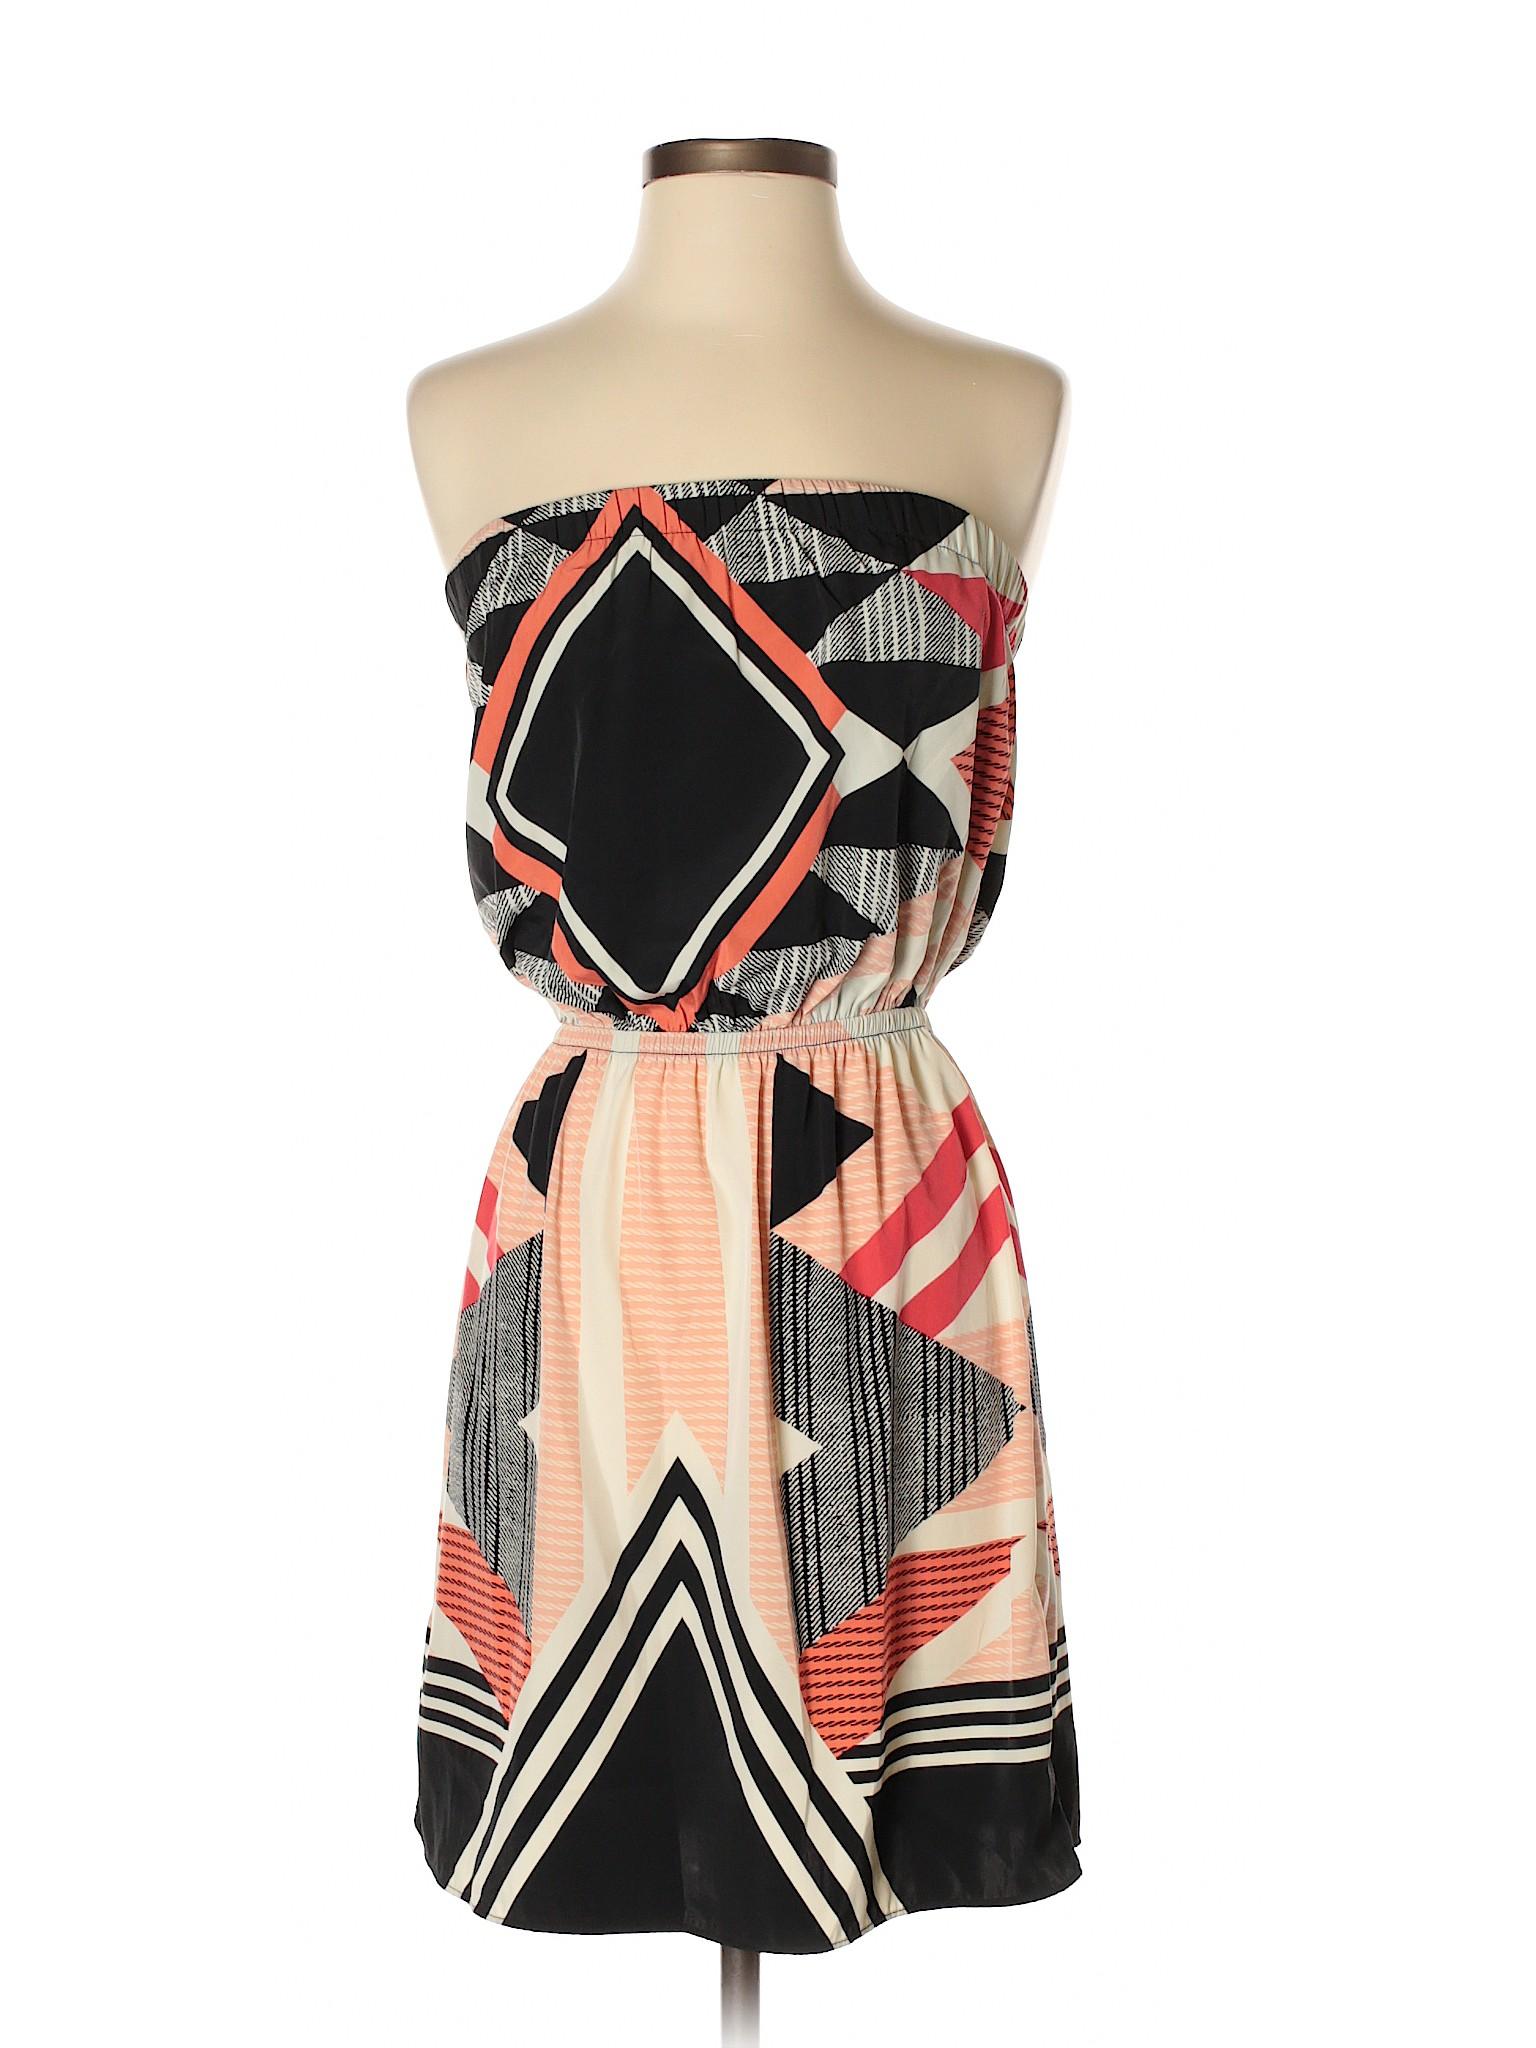 Selling Express Selling Express Casual Casual Dress Dress Selling qCwwvPI